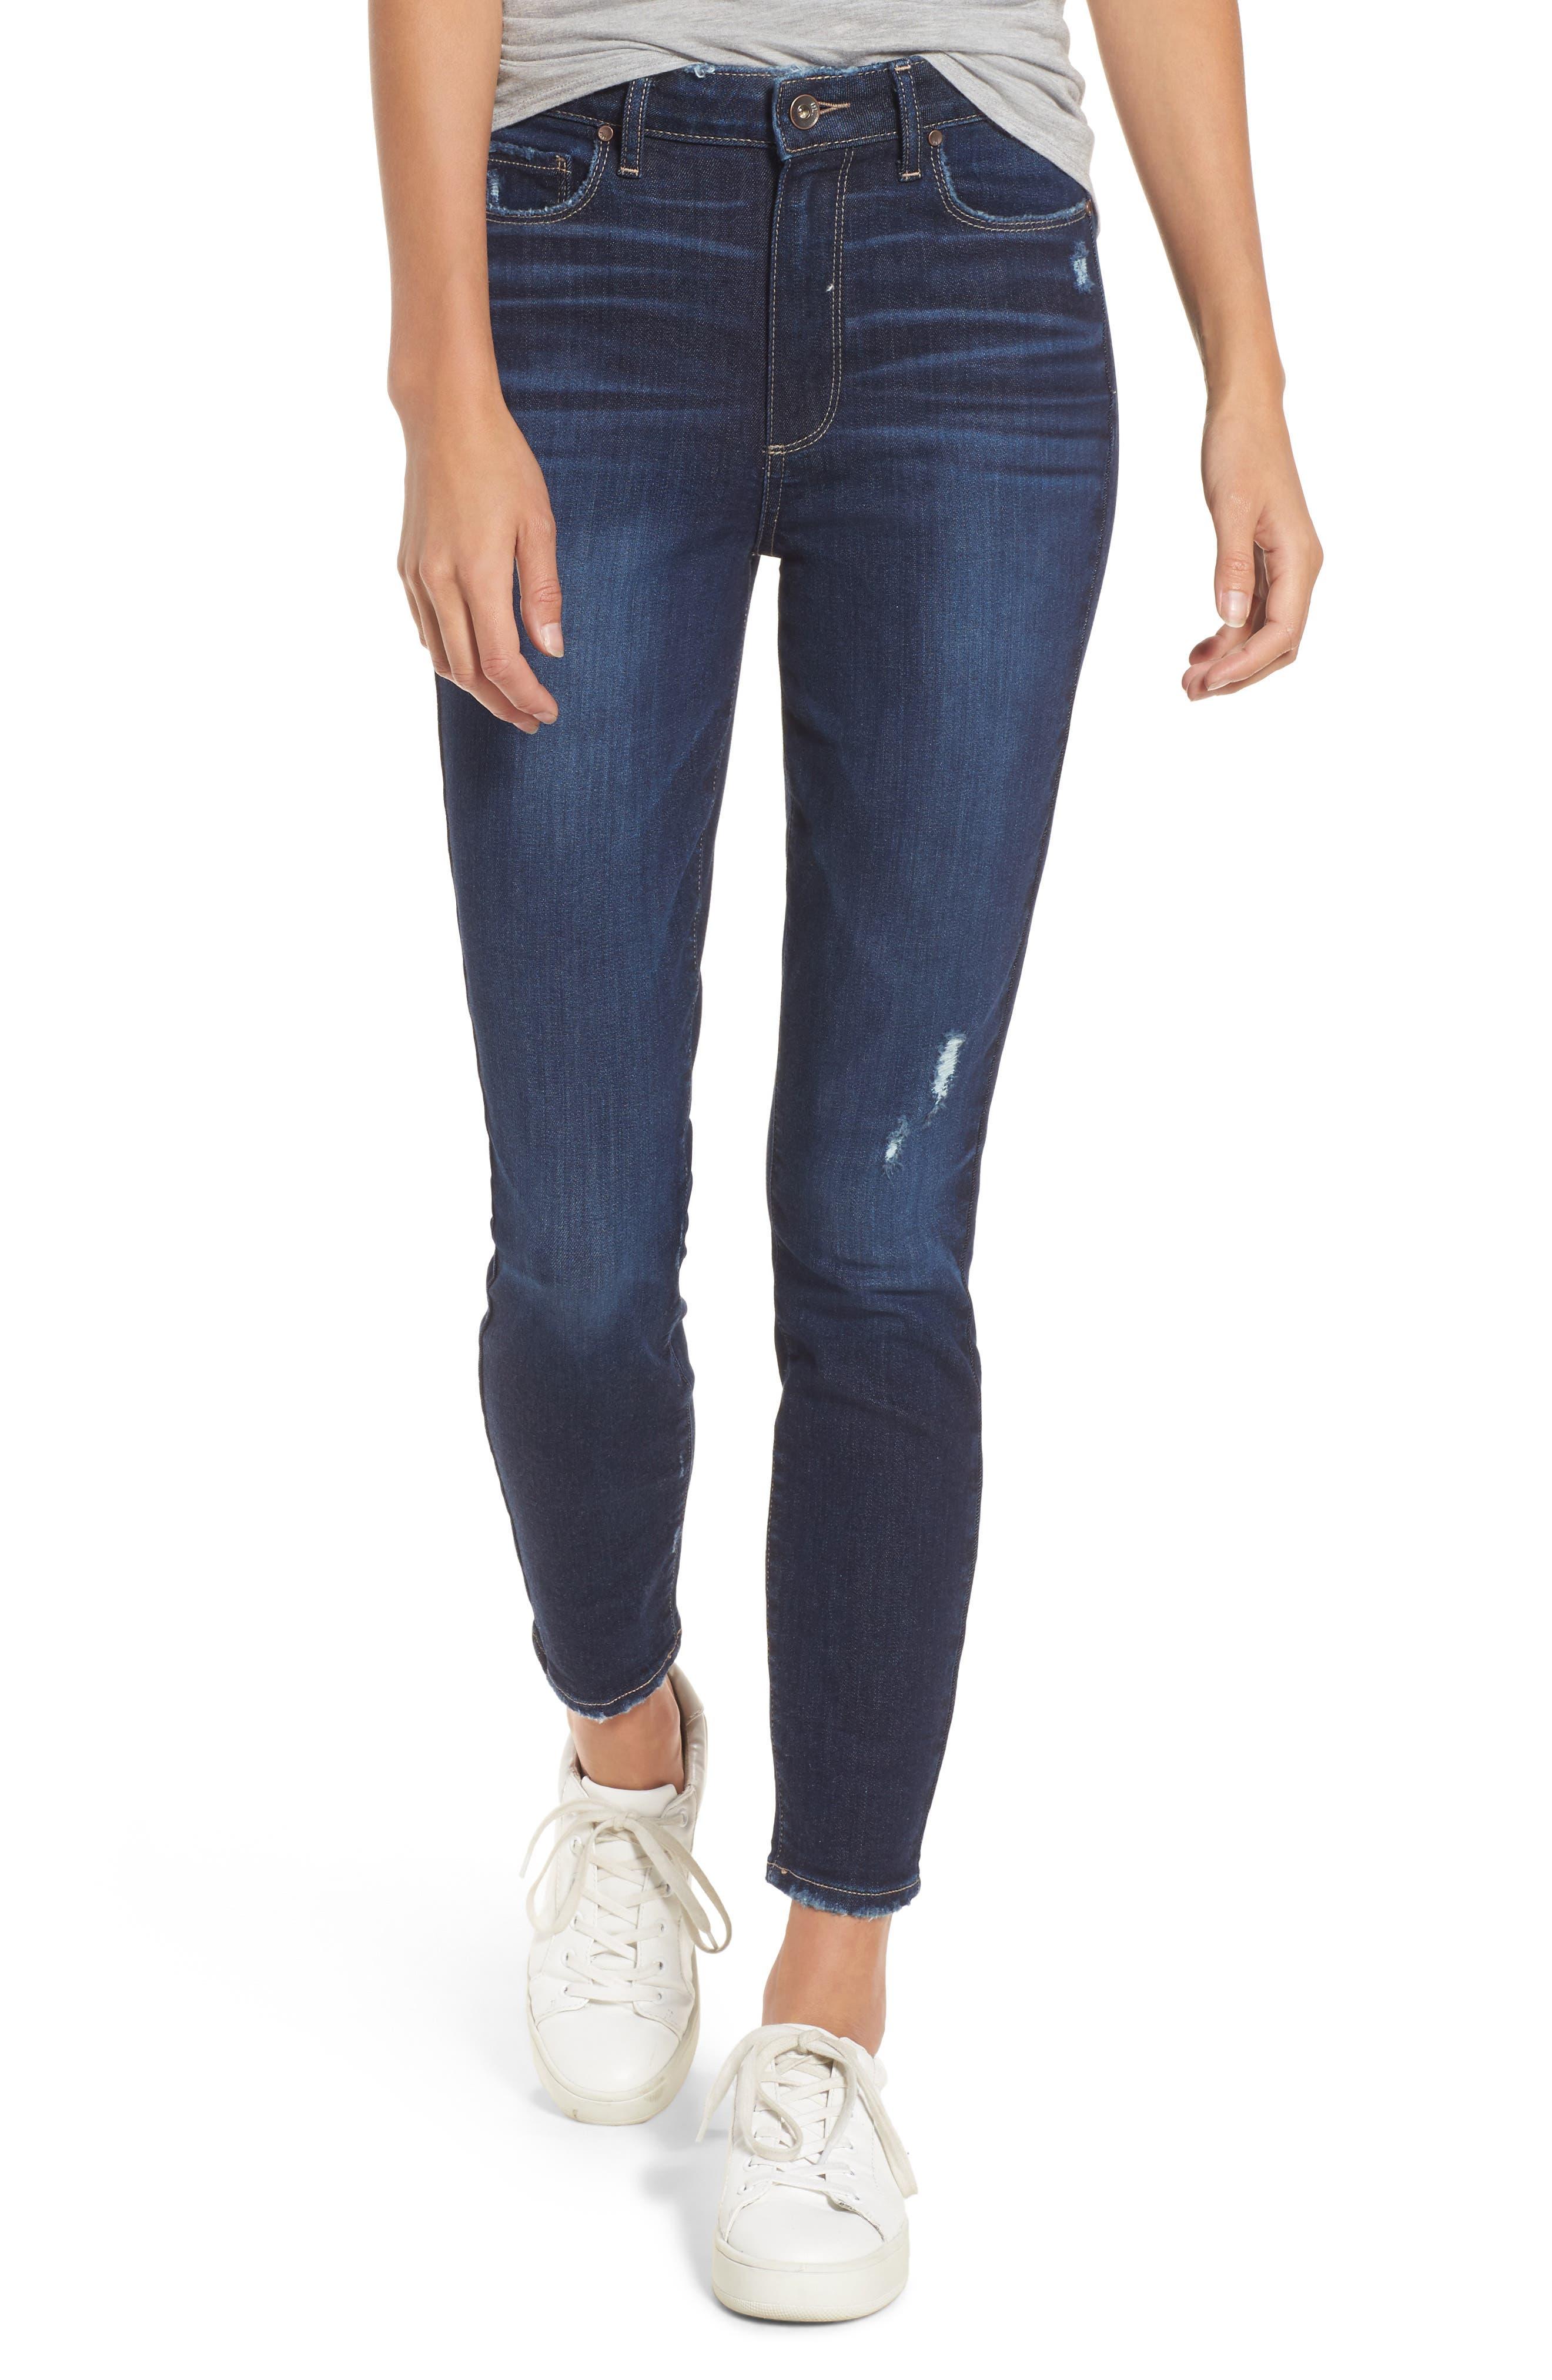 Margot High Waist Ankle Skinny Jeans,                         Main,                         color, Davidson Destructed